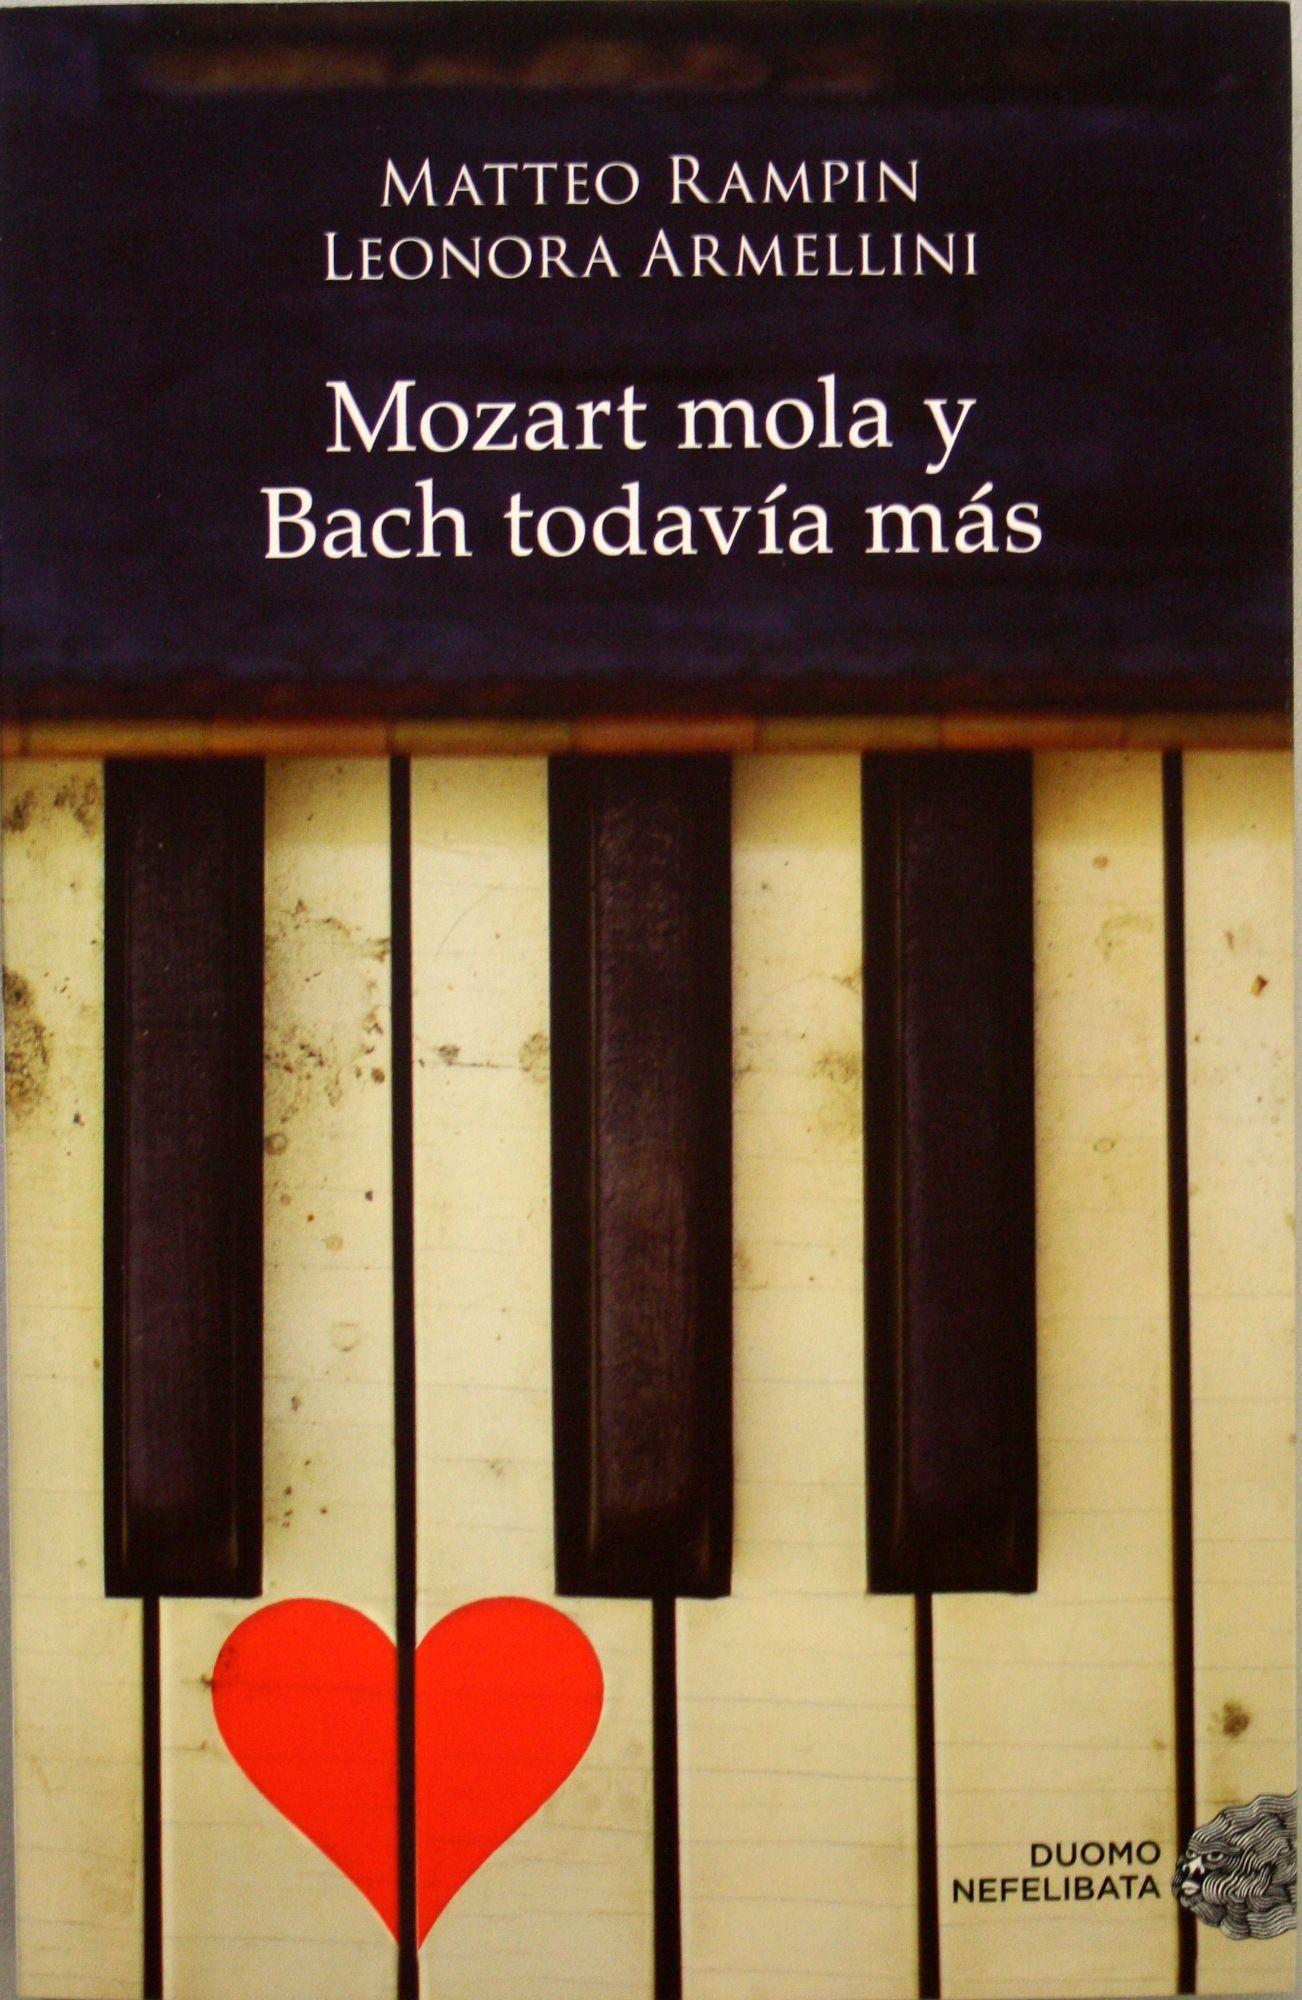 Mozart mola y Bach todavía más : cómo dejarse seducir por la música clásica, enamorarse perdidamente de ella y convertirse en dependiente para siempre / Matteo Rampin, Leonora Armellini. + info: http://www.librosyliteratura.es/mozart-mola-y-bach-todavia-mas.html